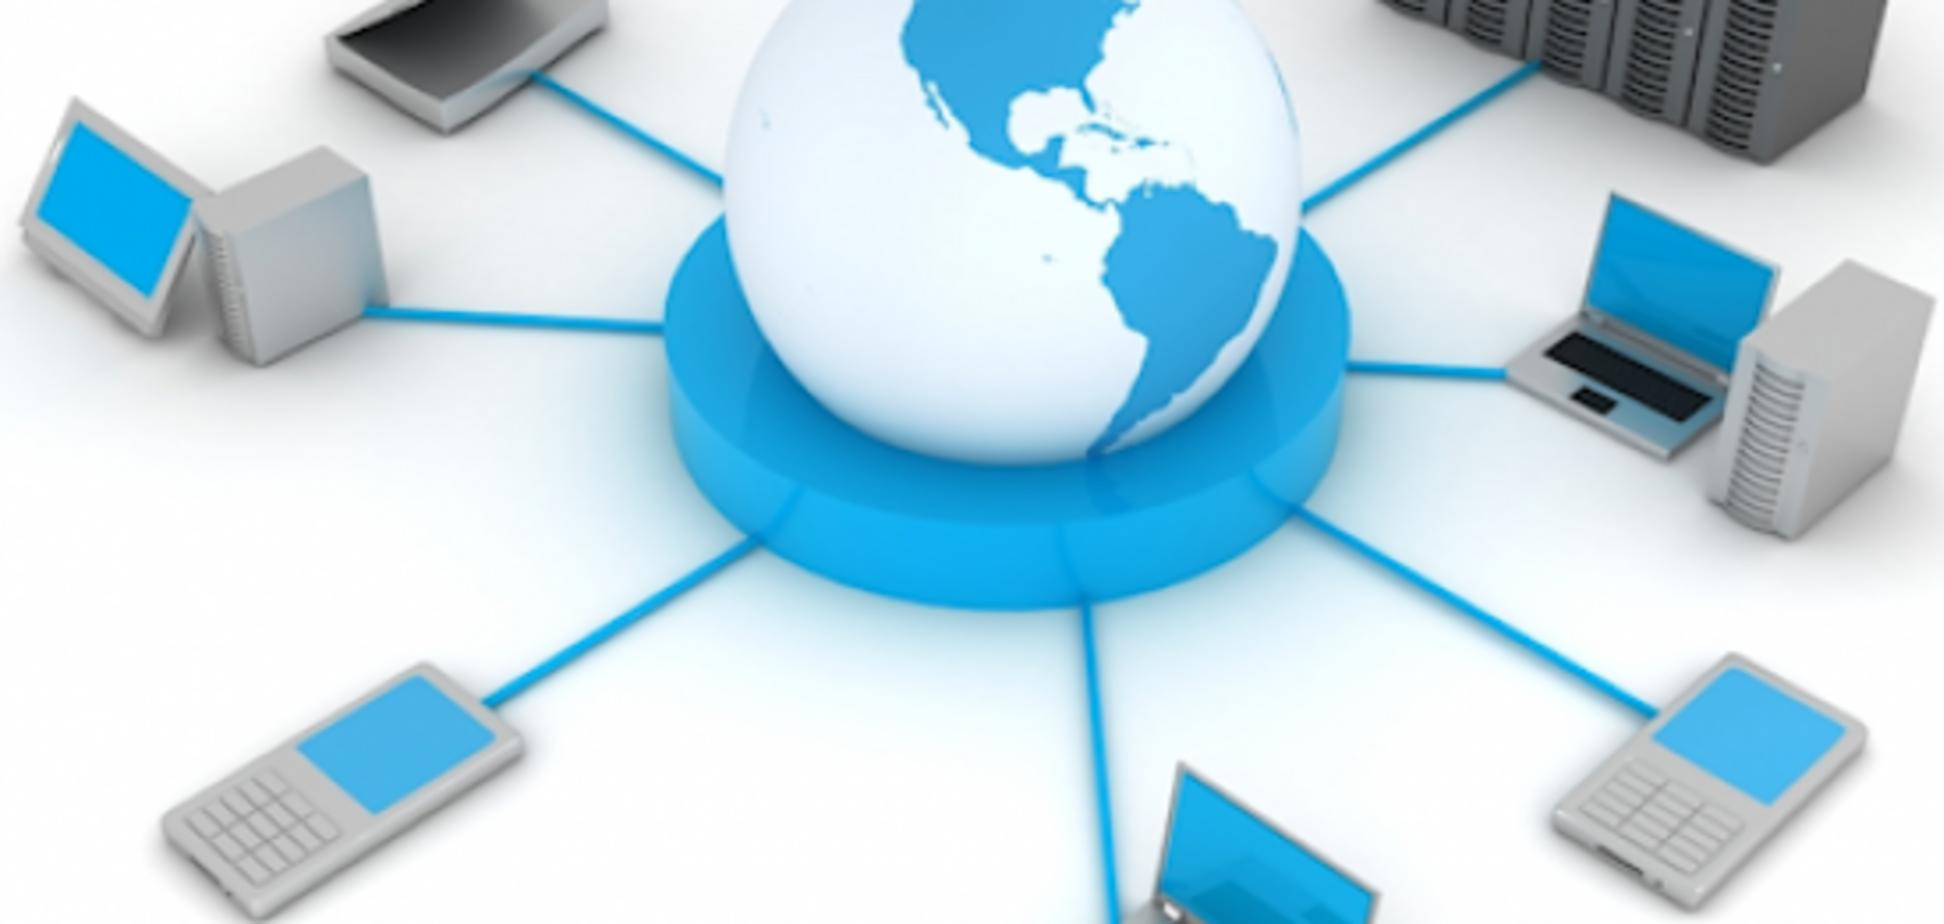 Перспективы развития рынка облачных технологий